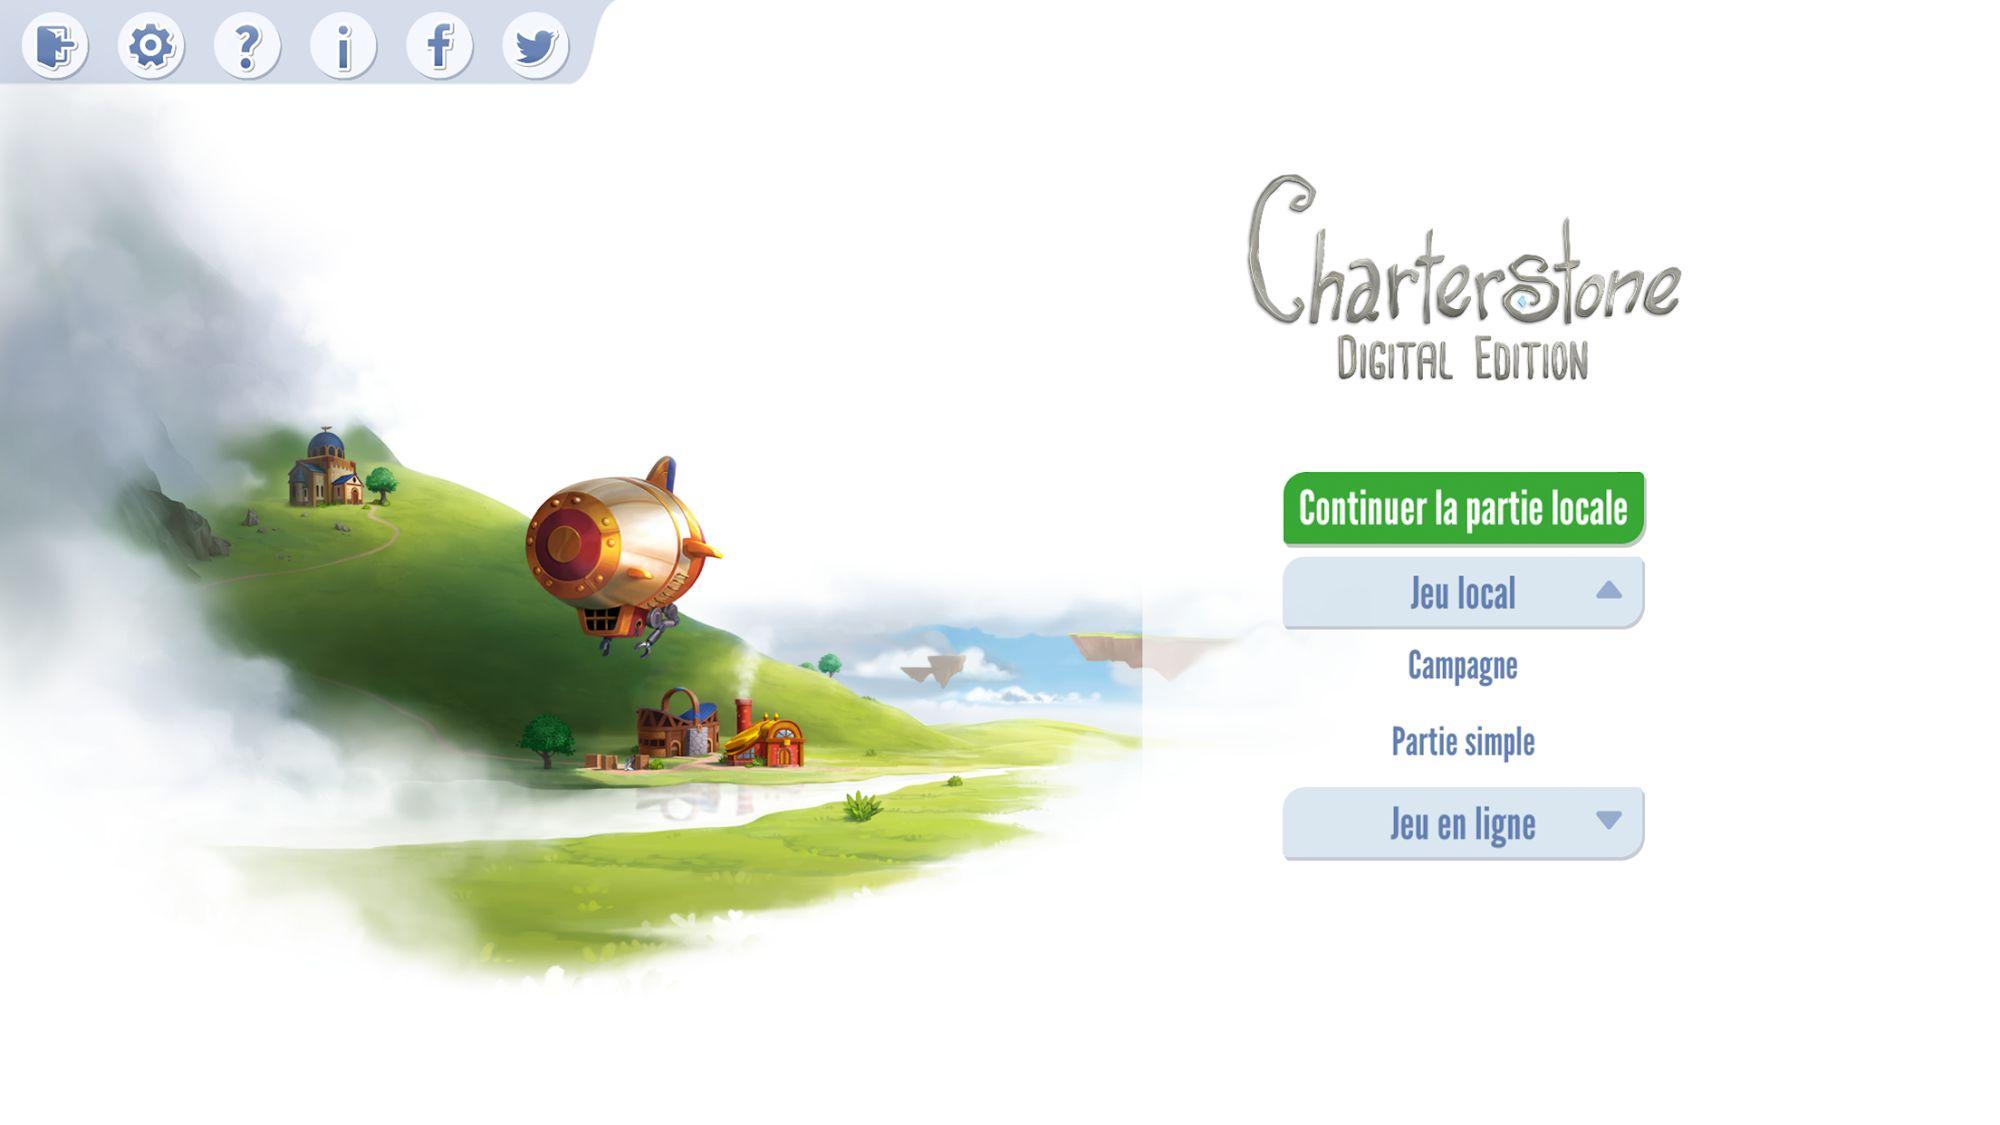 Charterstone: Digital Edition capture d'écran 1